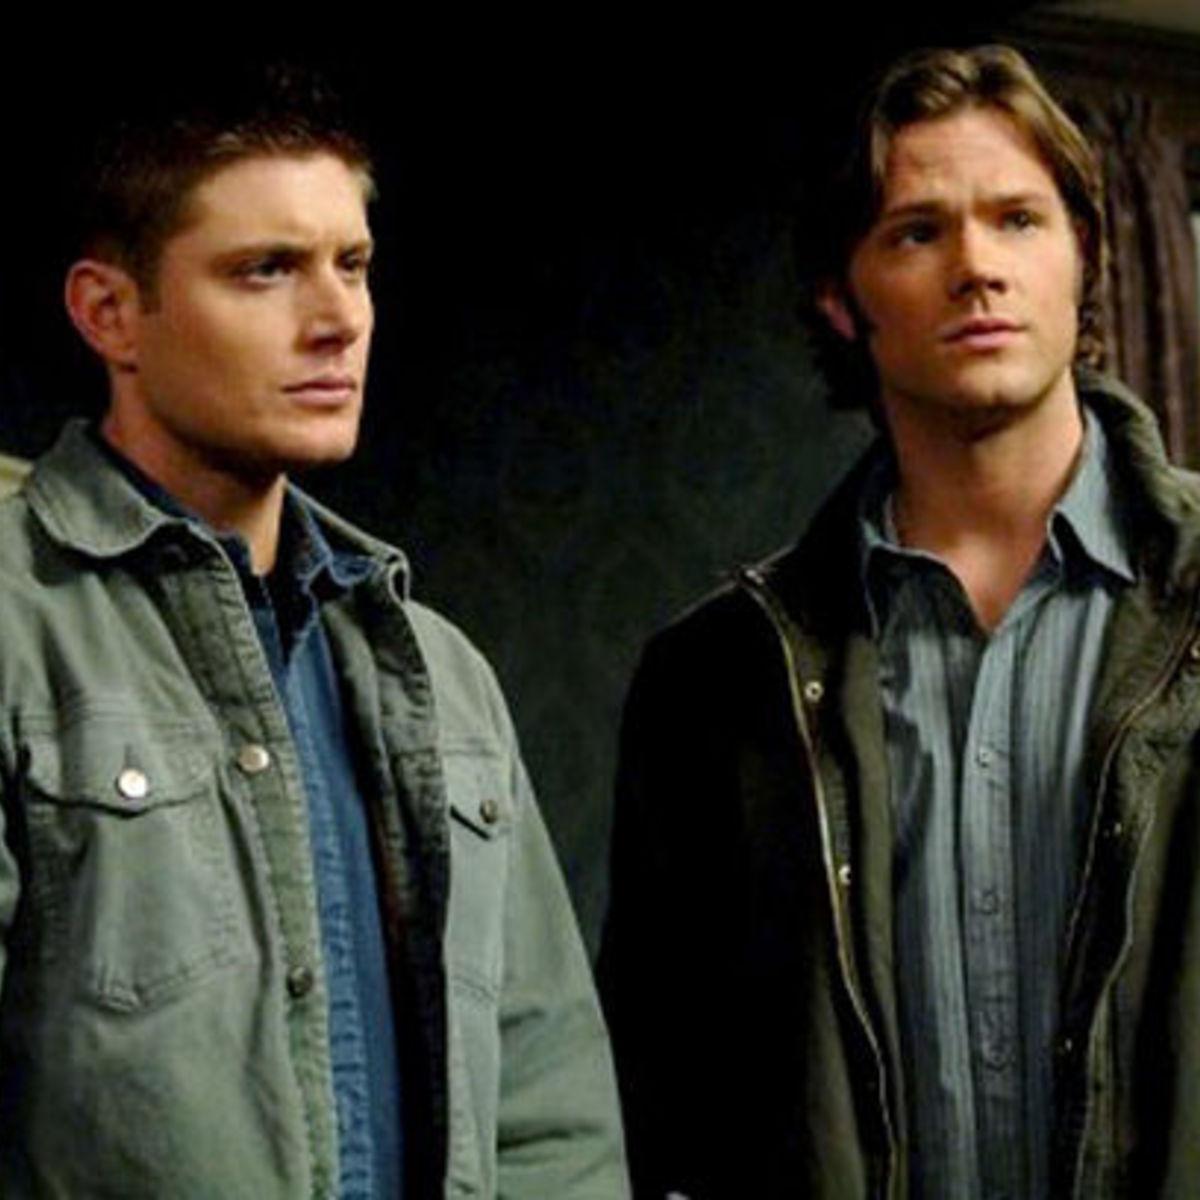 supernatural_ackles_padalecki.jpg